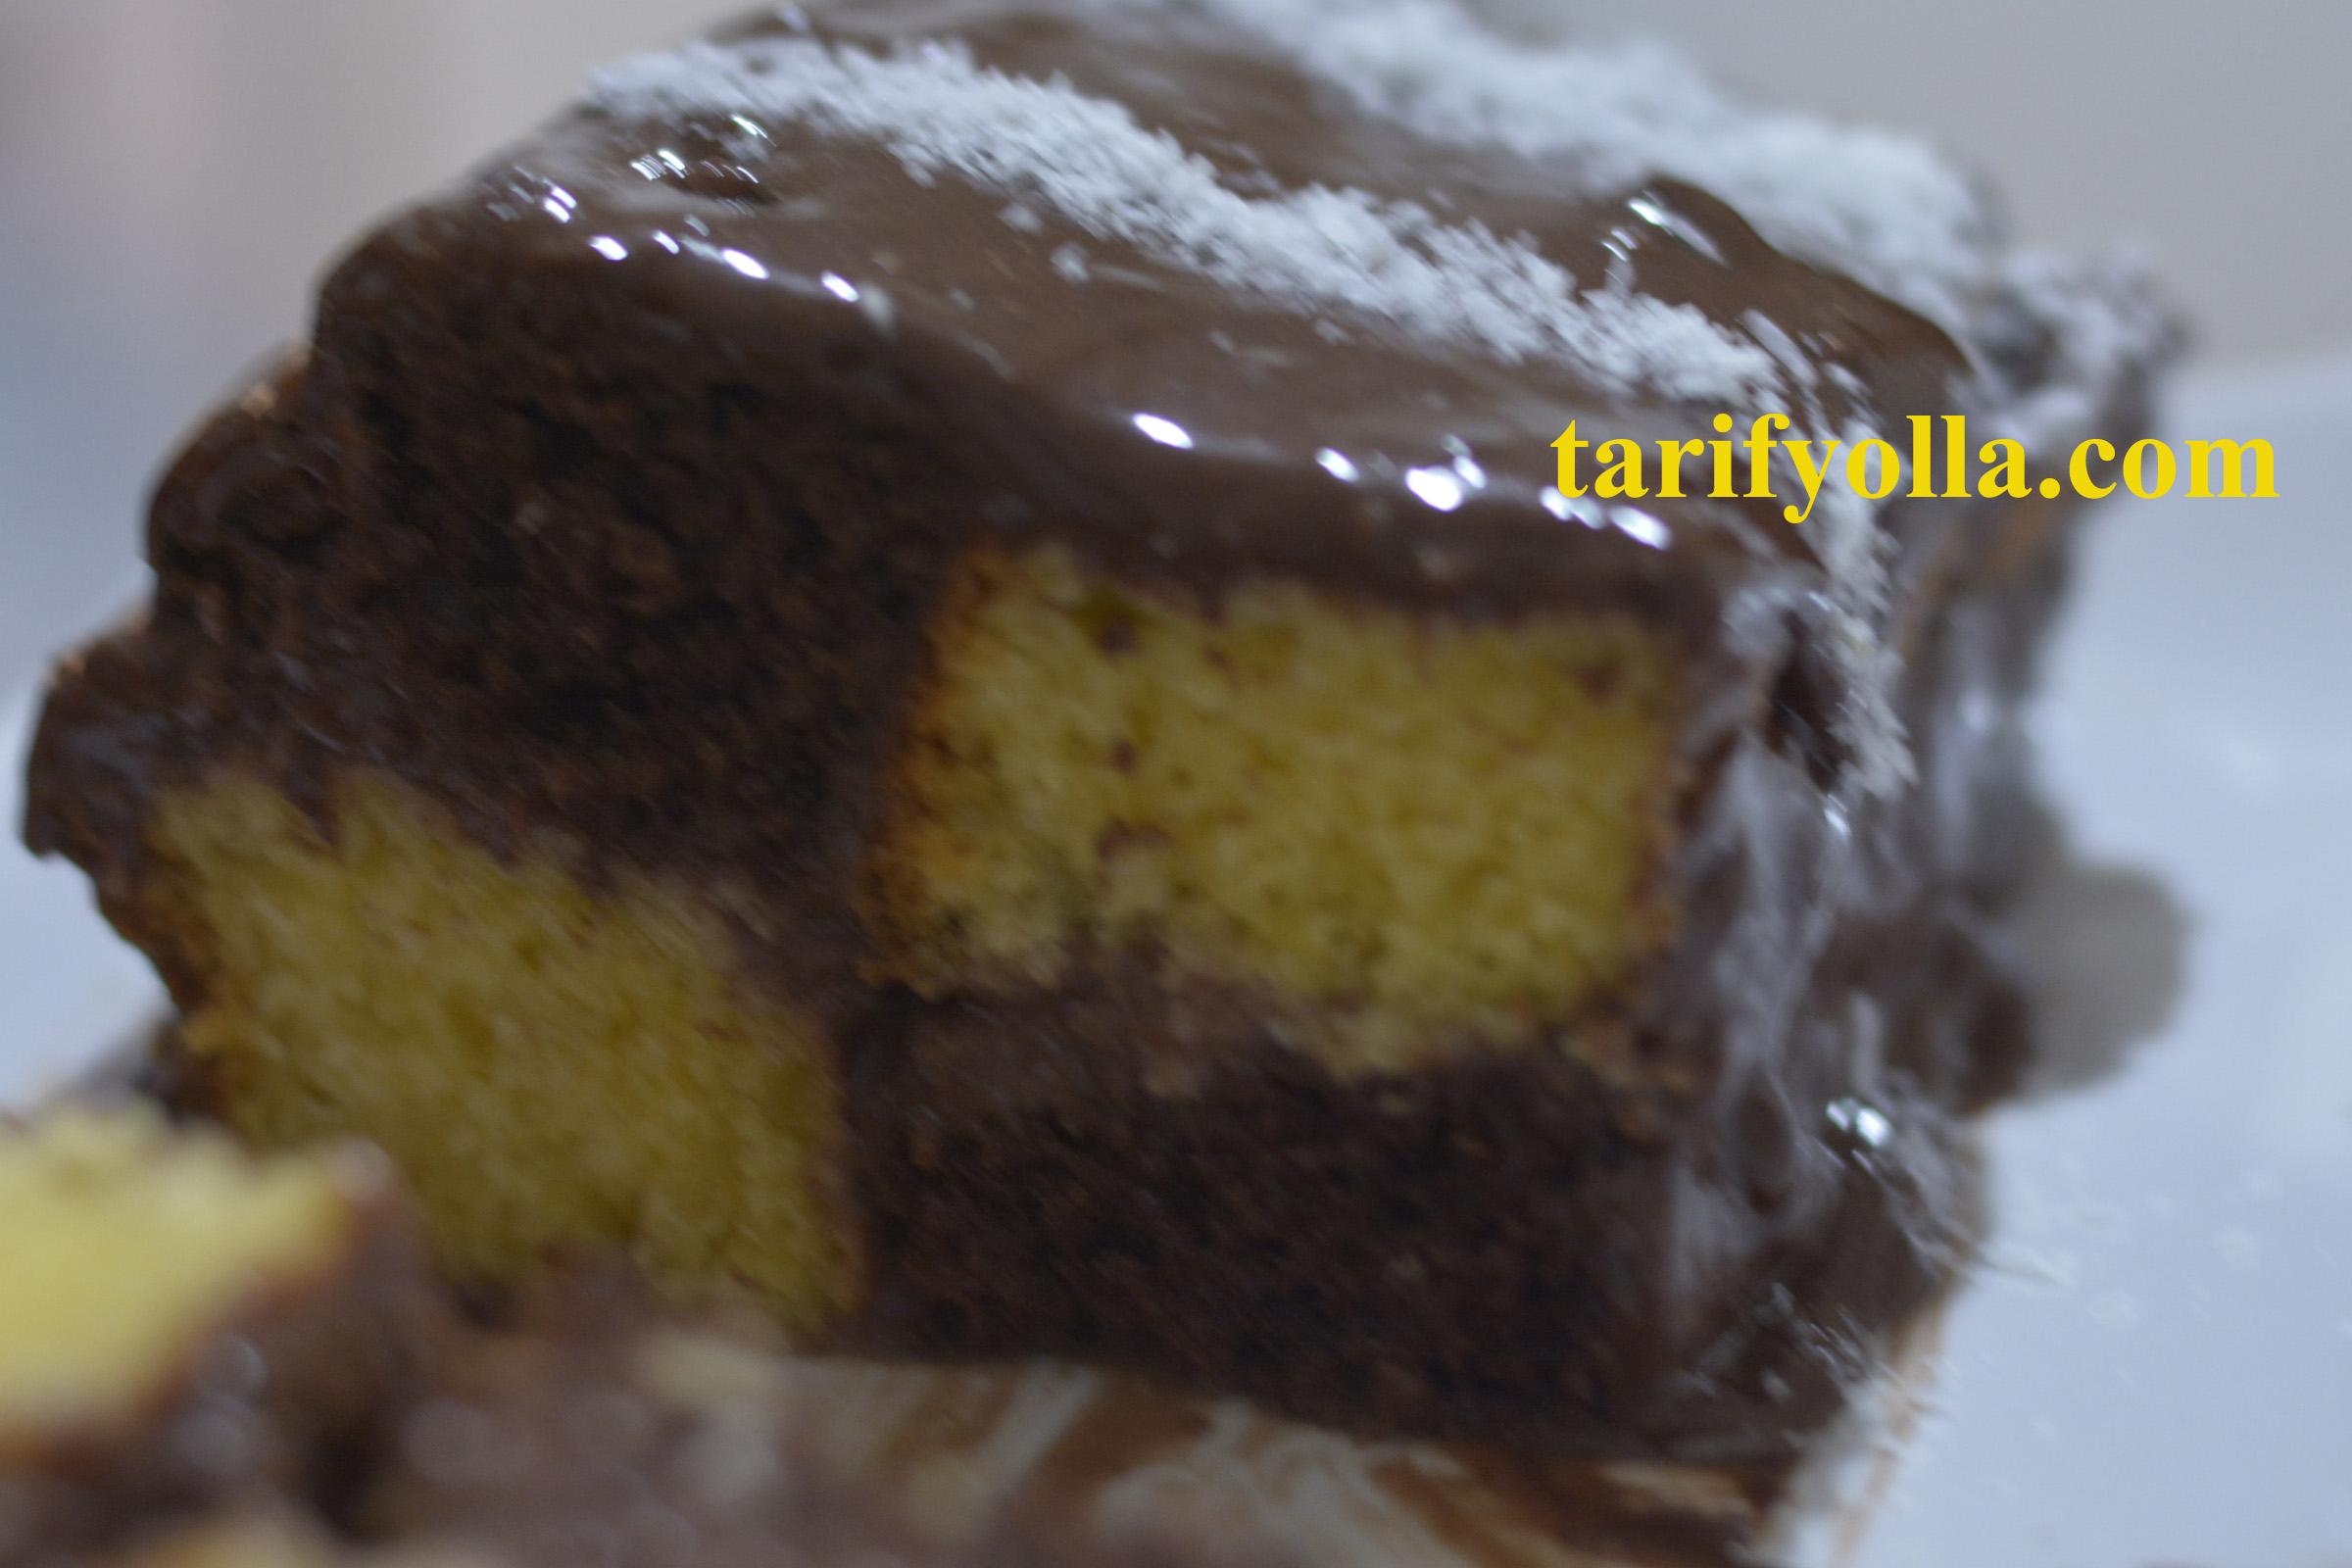 damalı buton kek